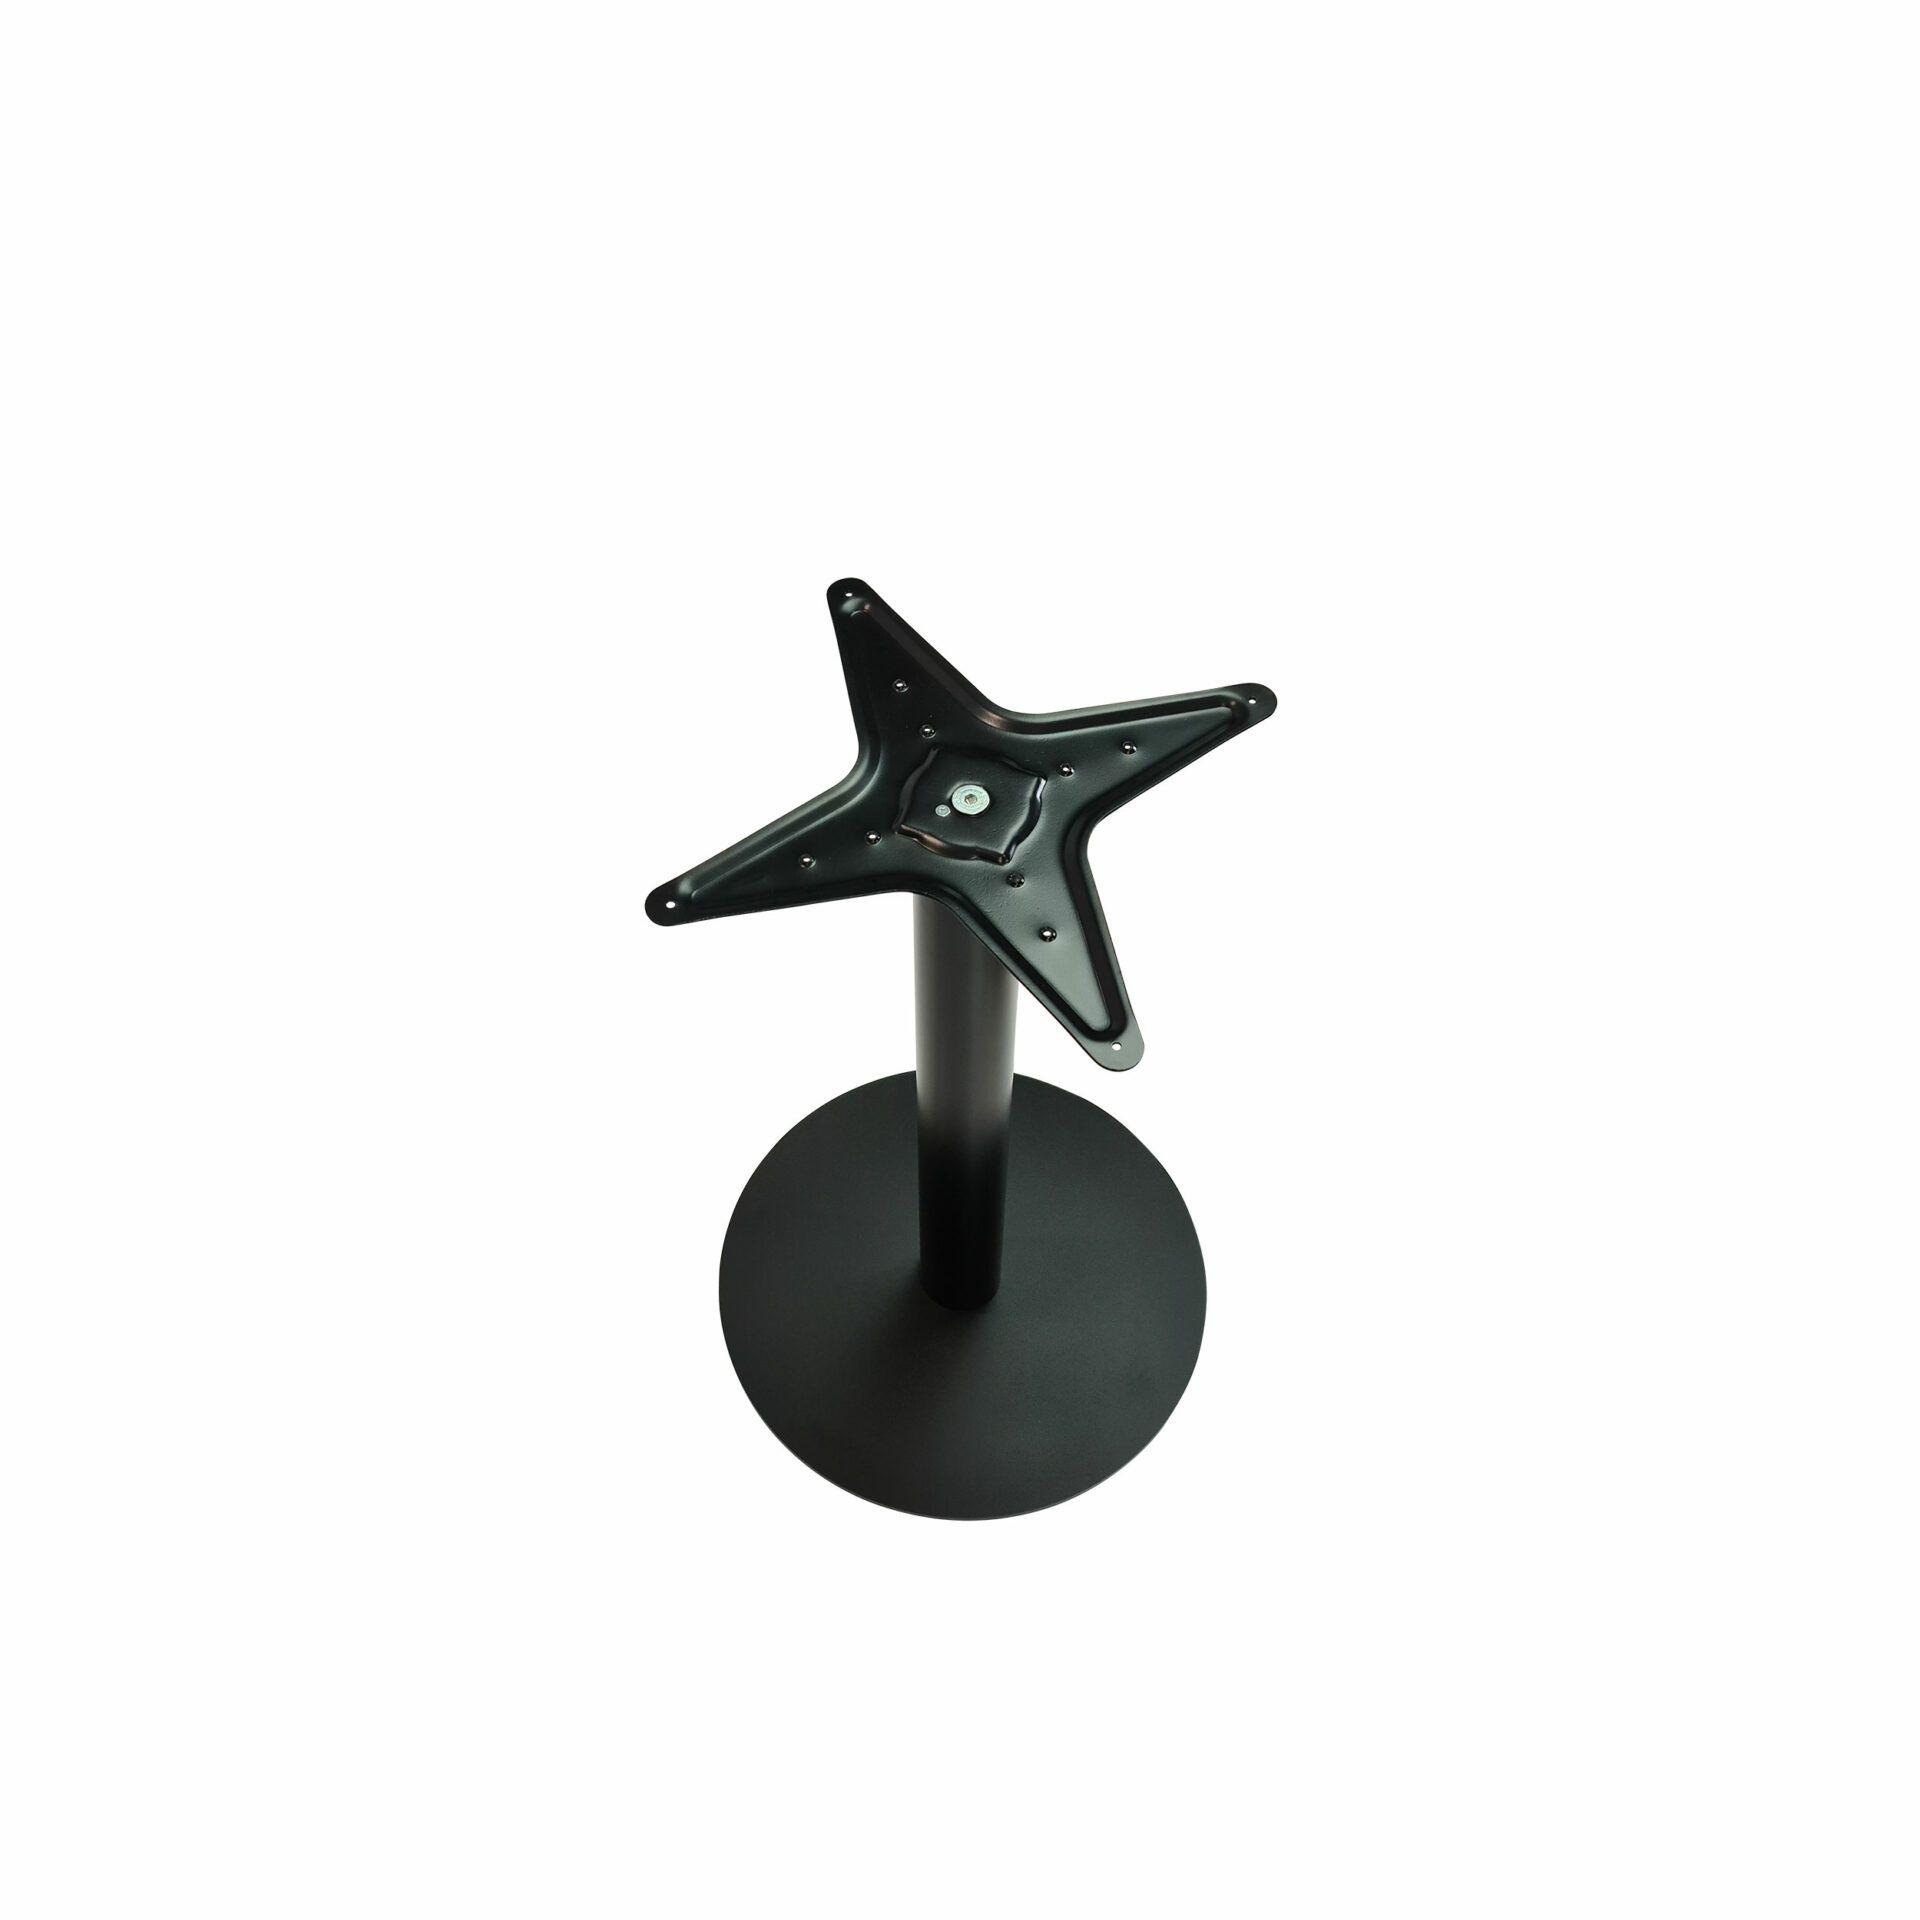 lyon table base black.top